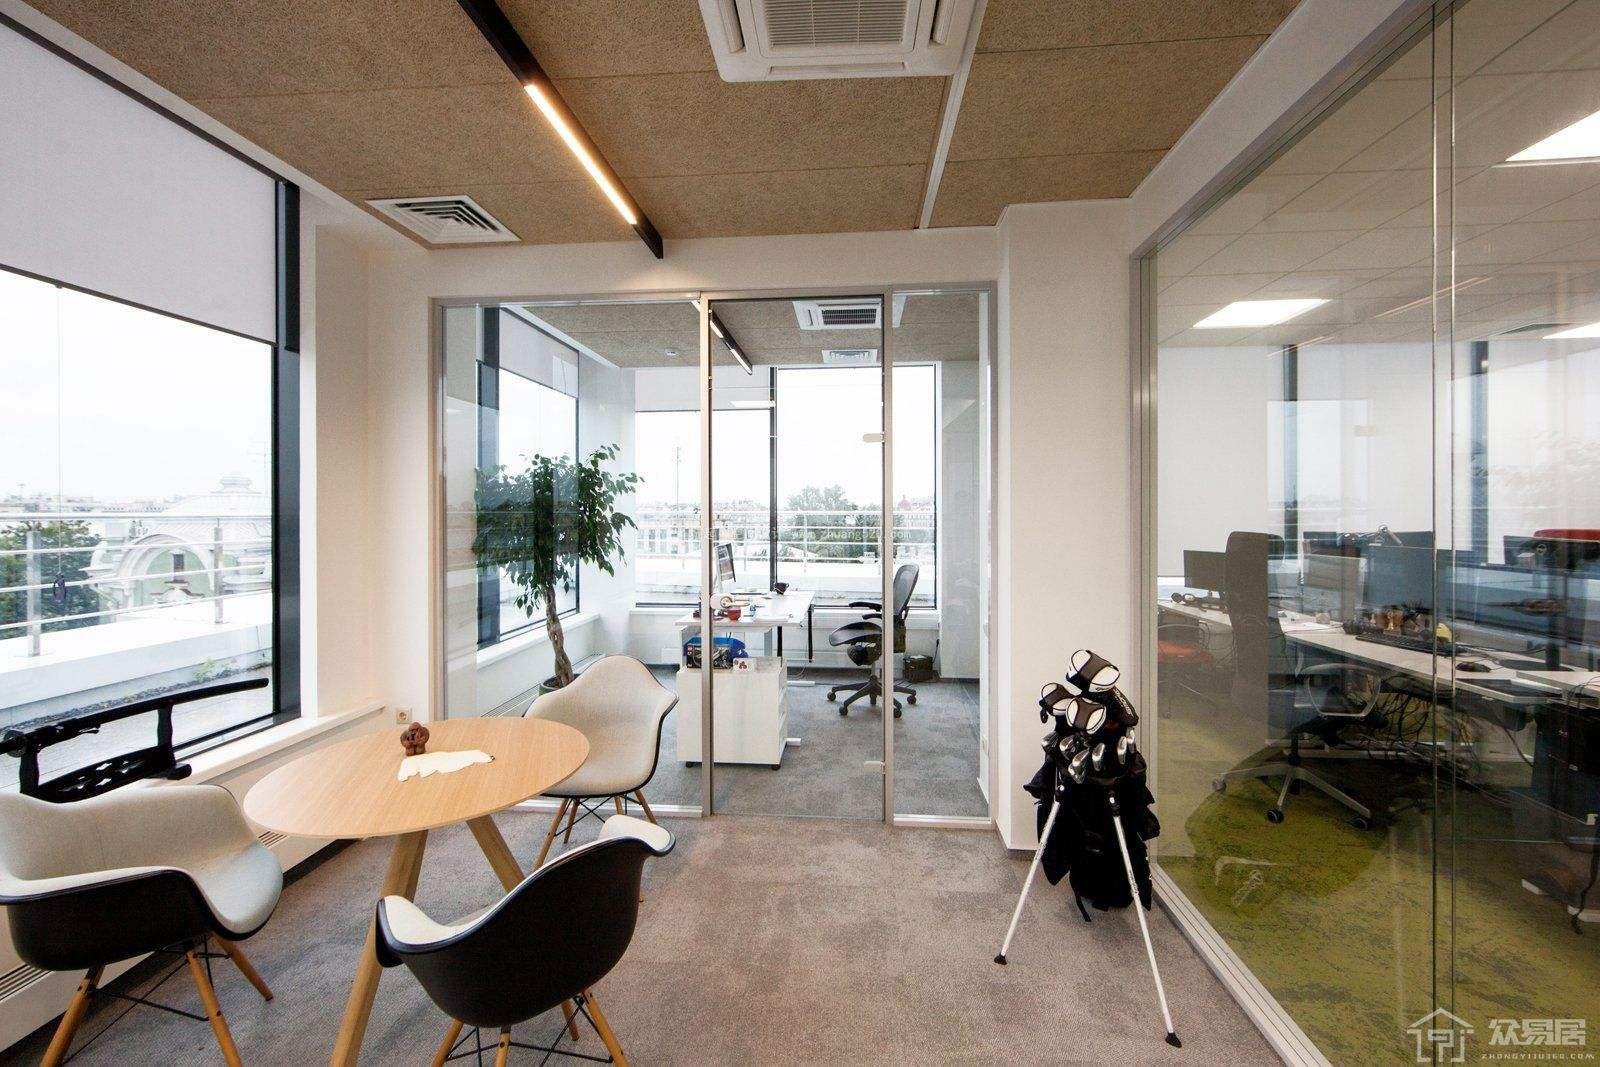 办公室装修设计风格有哪些?办公室装修设计要求及注意事项